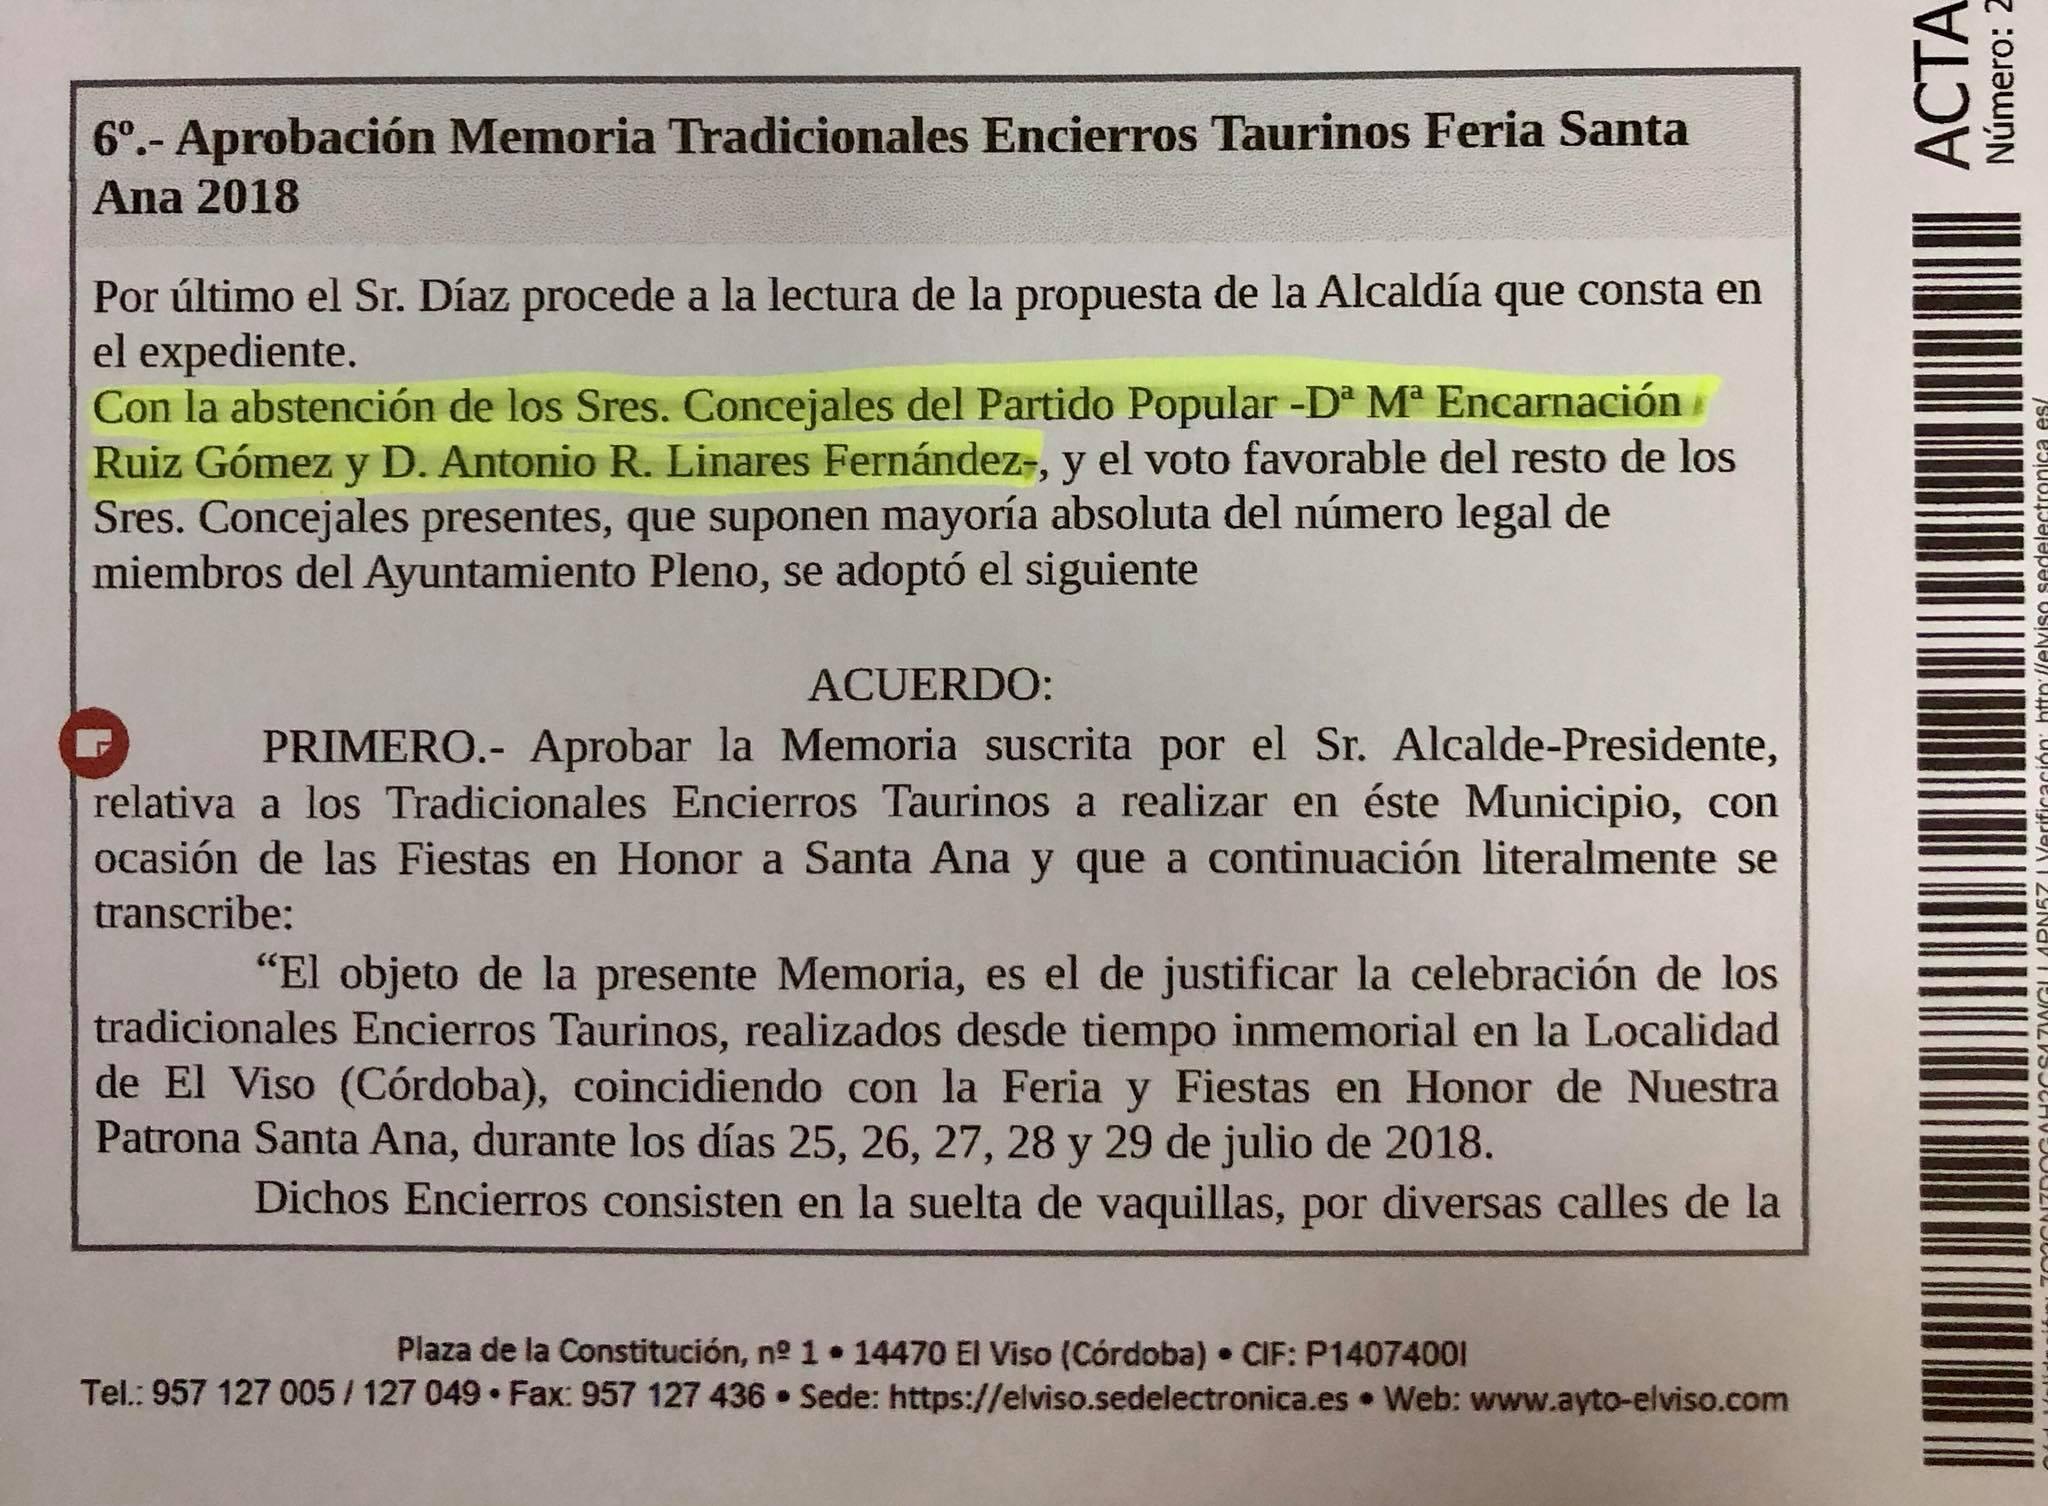 PSOE de El Viso: 'La defensa y el apoyo a nuestras tradiciones se deben hacer efectivos los 365 días del año'